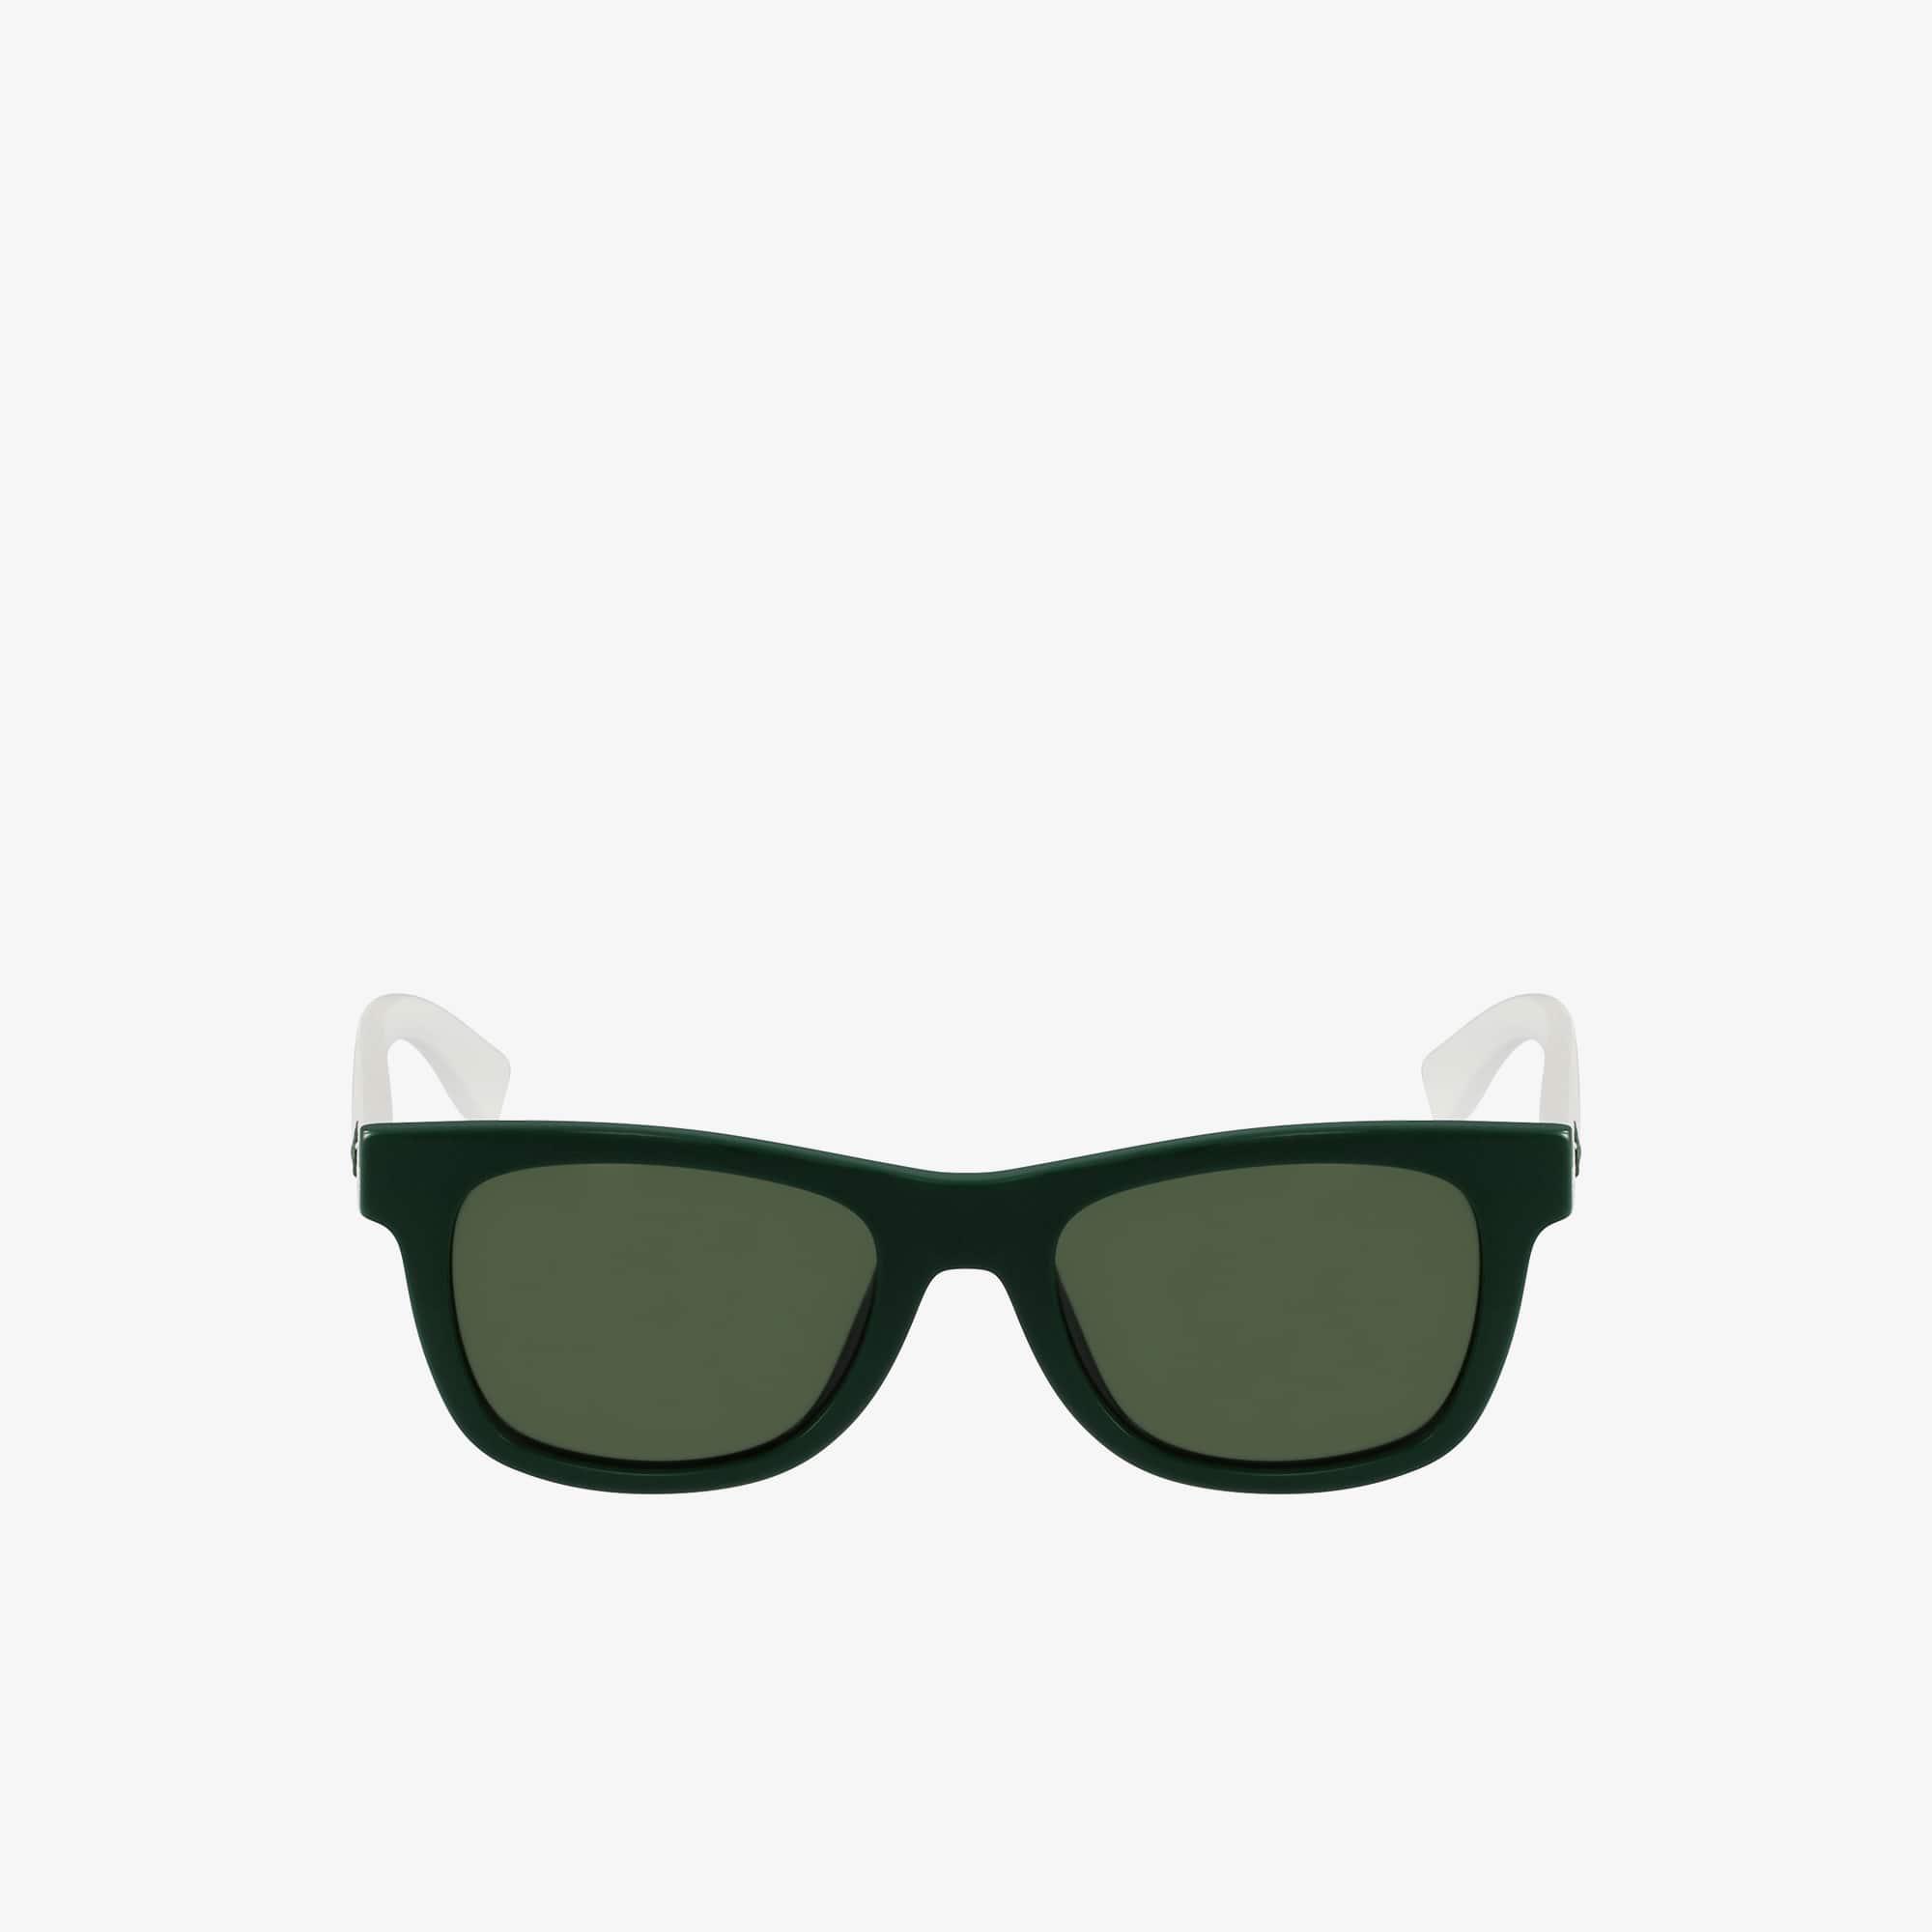 Plastic T(w)eens Sunglasses